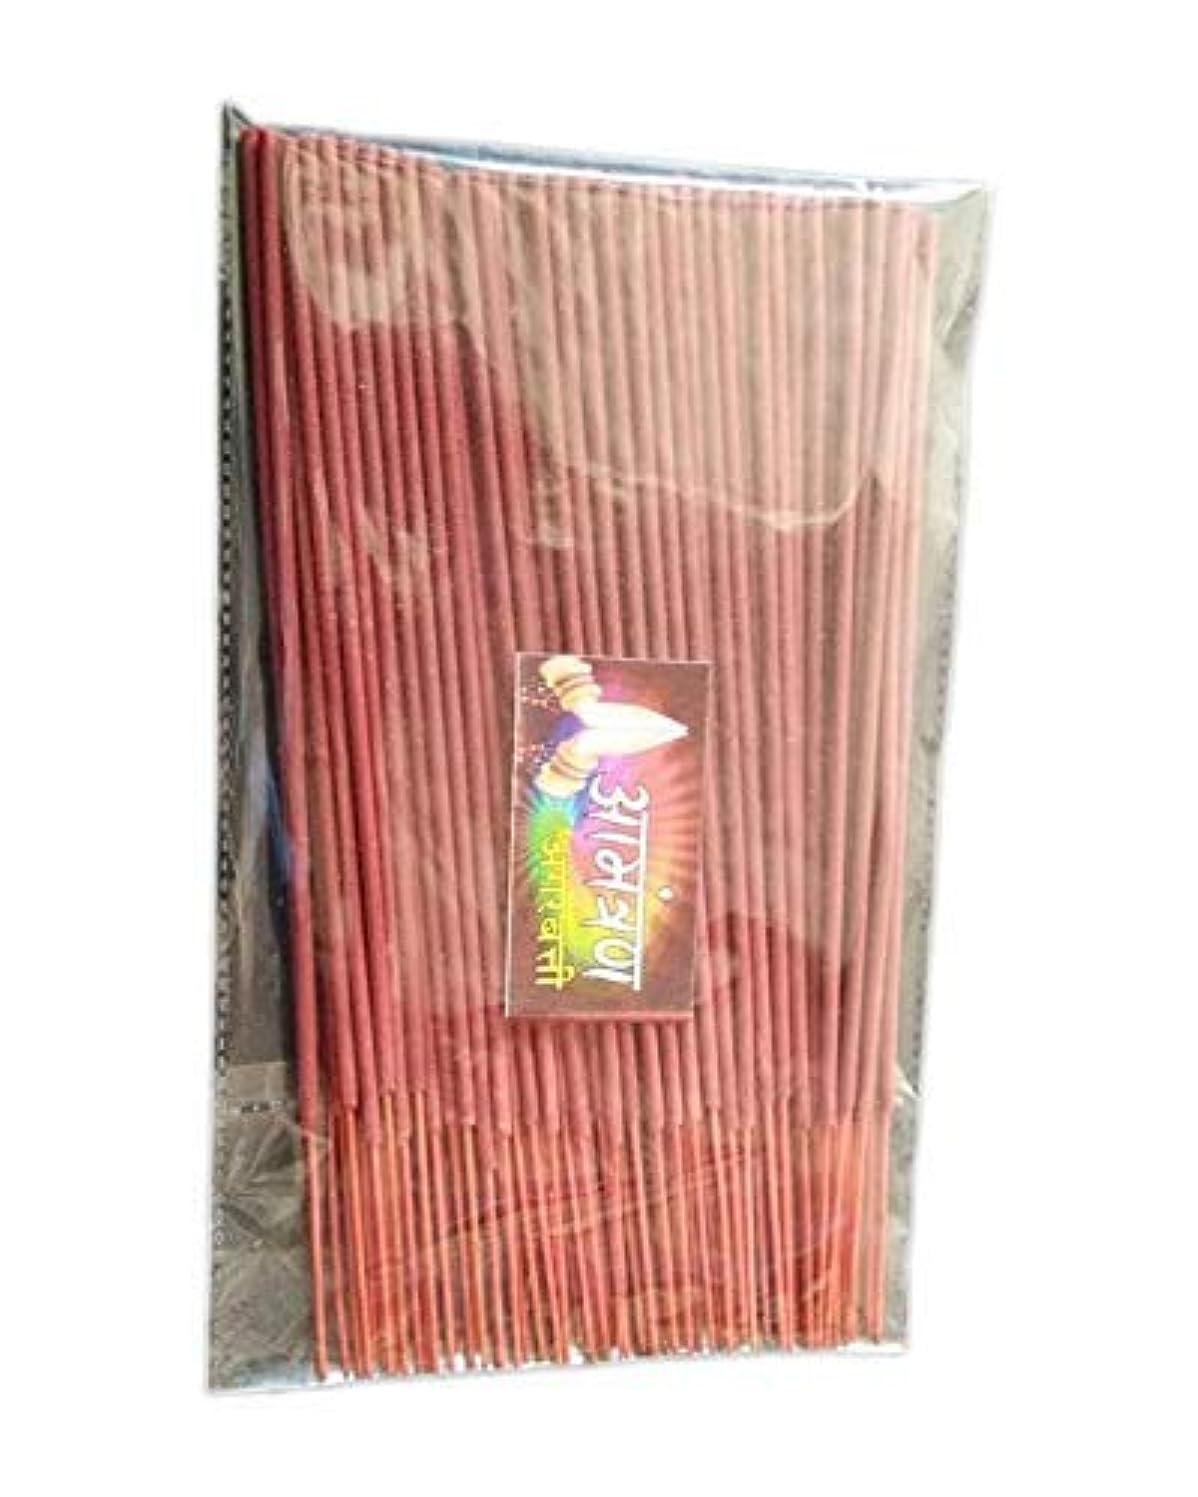 恐怖症邪魔する憎しみDarshan Amantran Incense Sticks/Agarbatti (500 GM Pack)